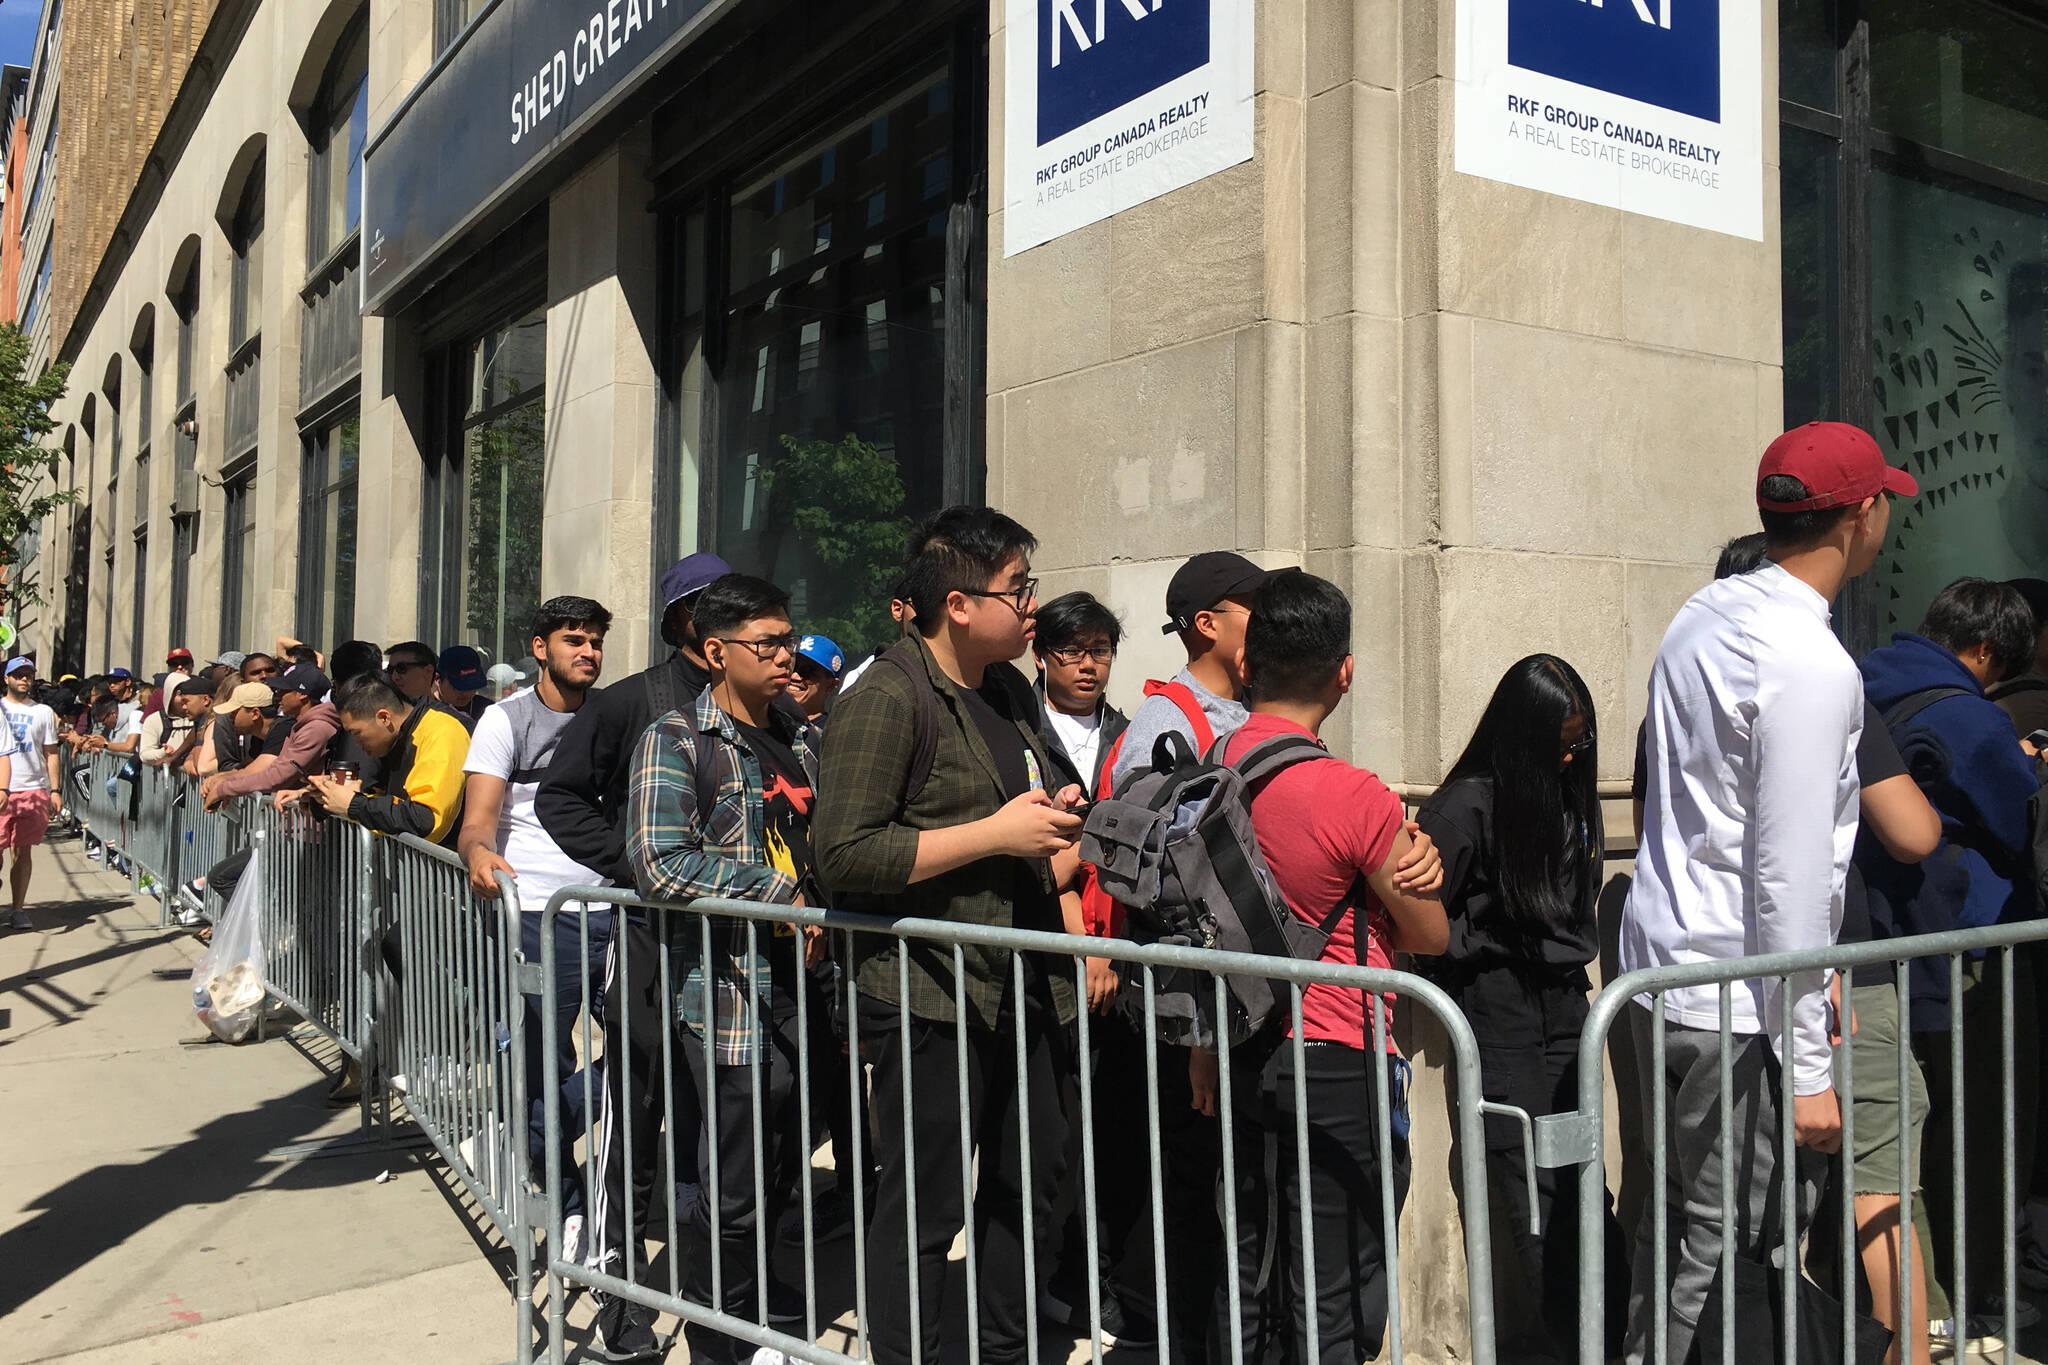 5a11deda21f Kendrick Lamar pop-up brings massive lines to Toronto